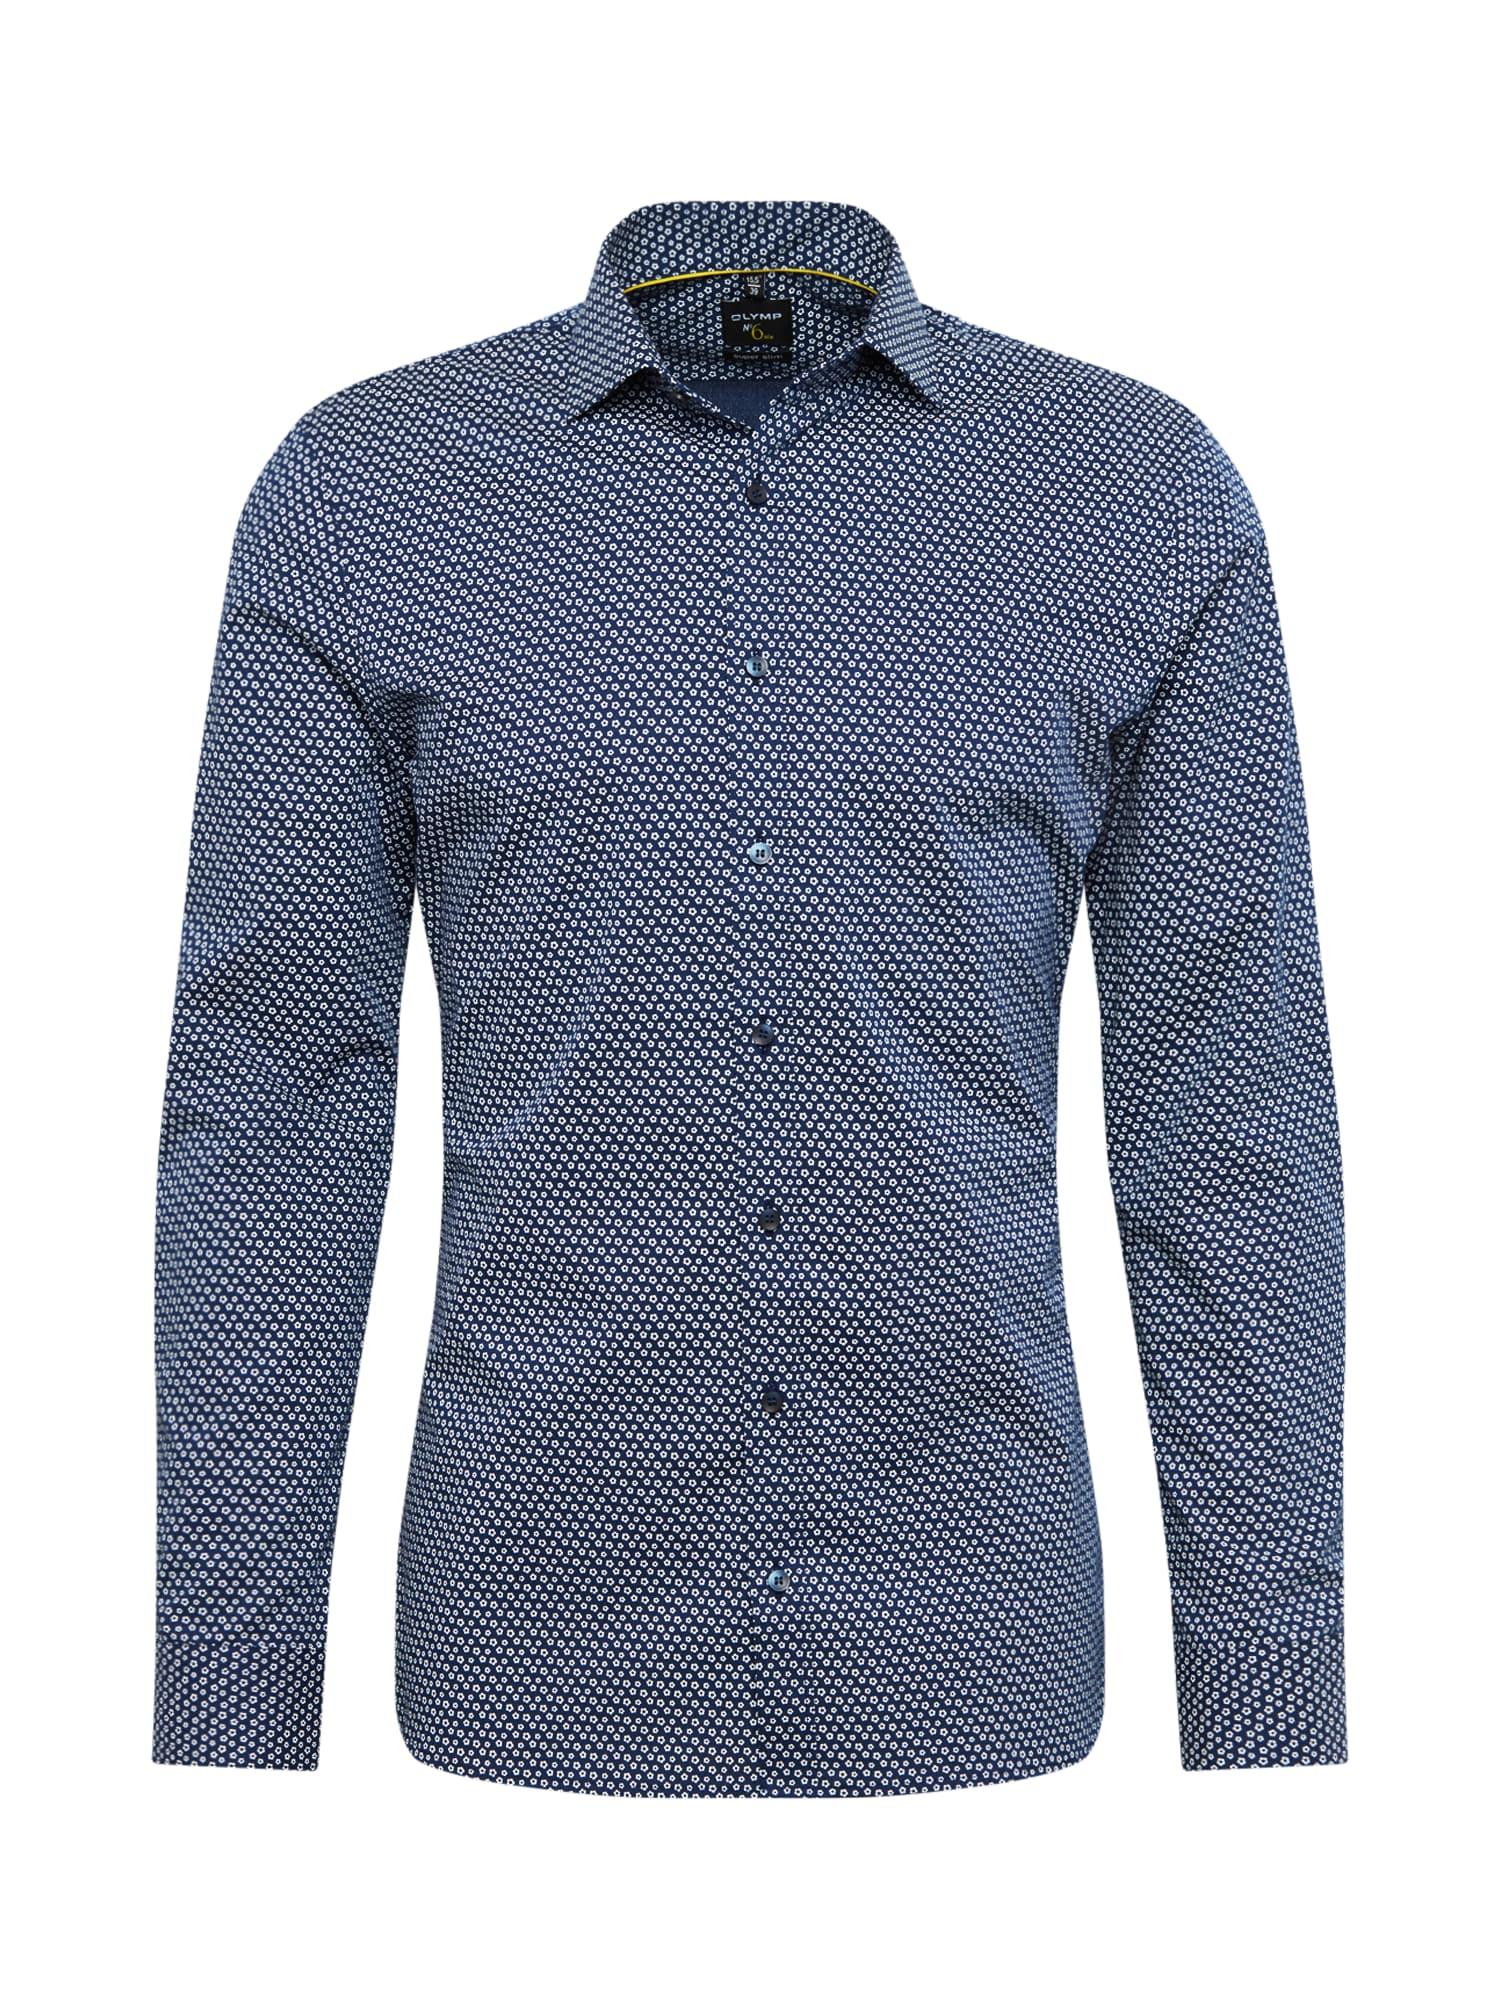 Společenská košile námořnická modř OLYMP